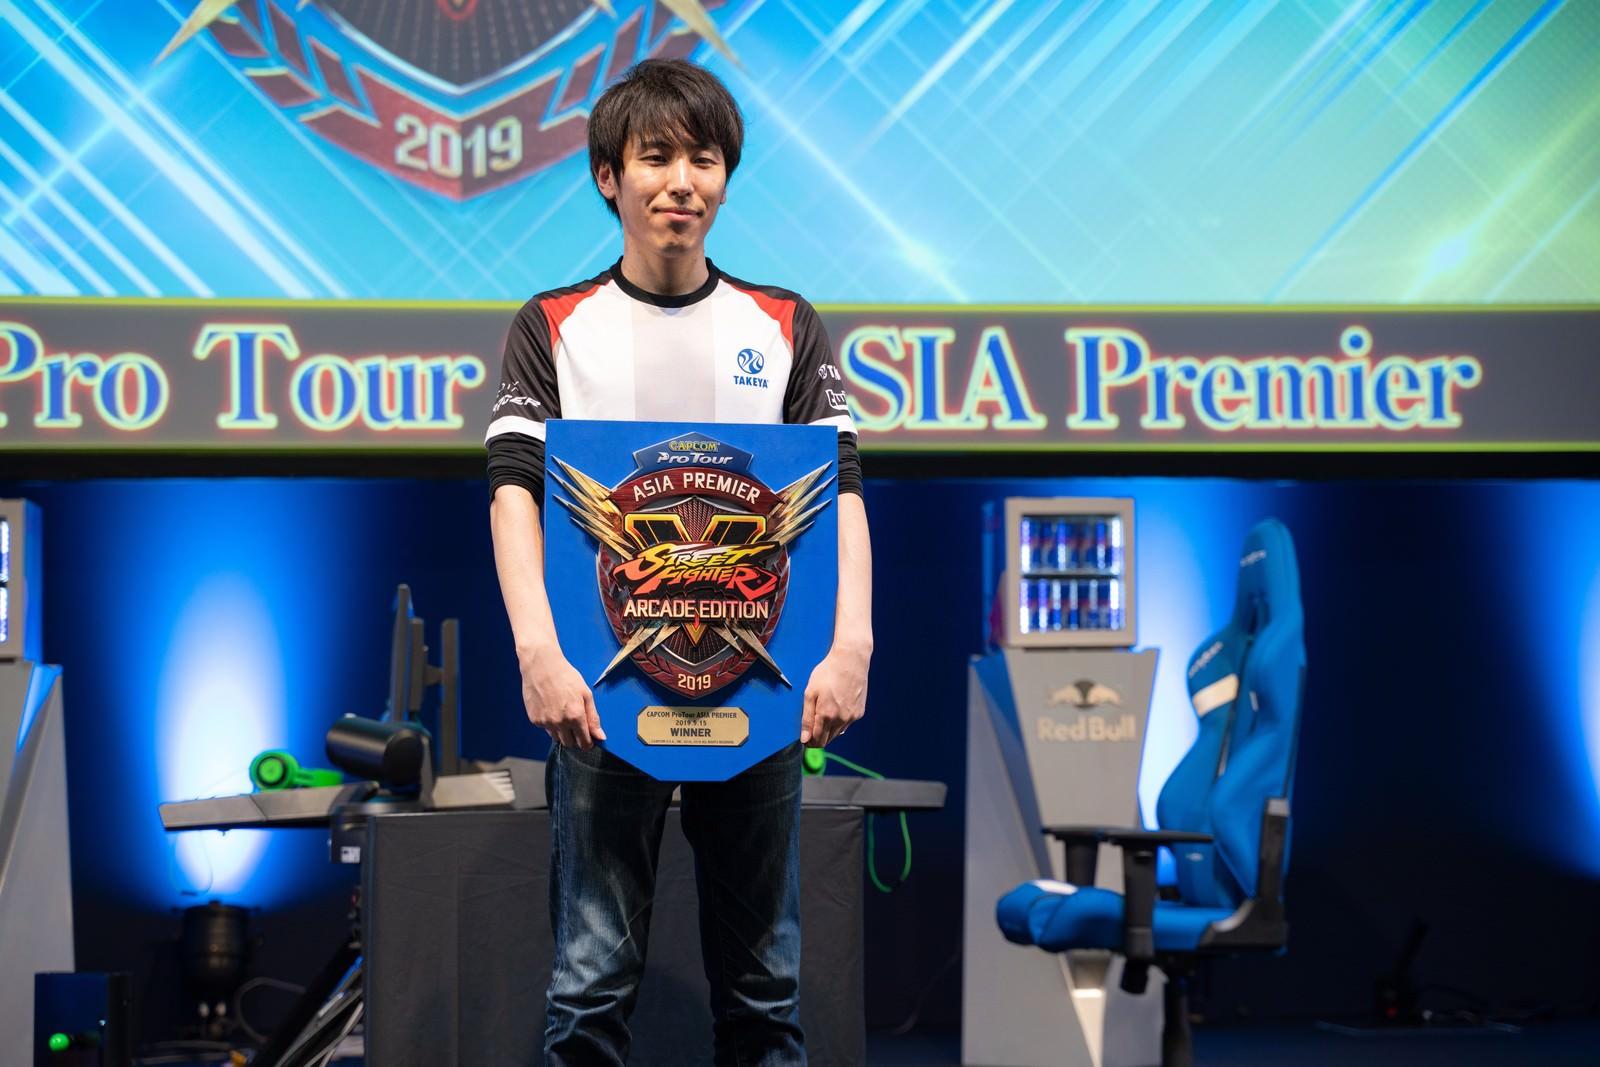 「優勝盾を持つももち選手 - CAPCOM Pro Tour 2019 アジアプレミア」の写真